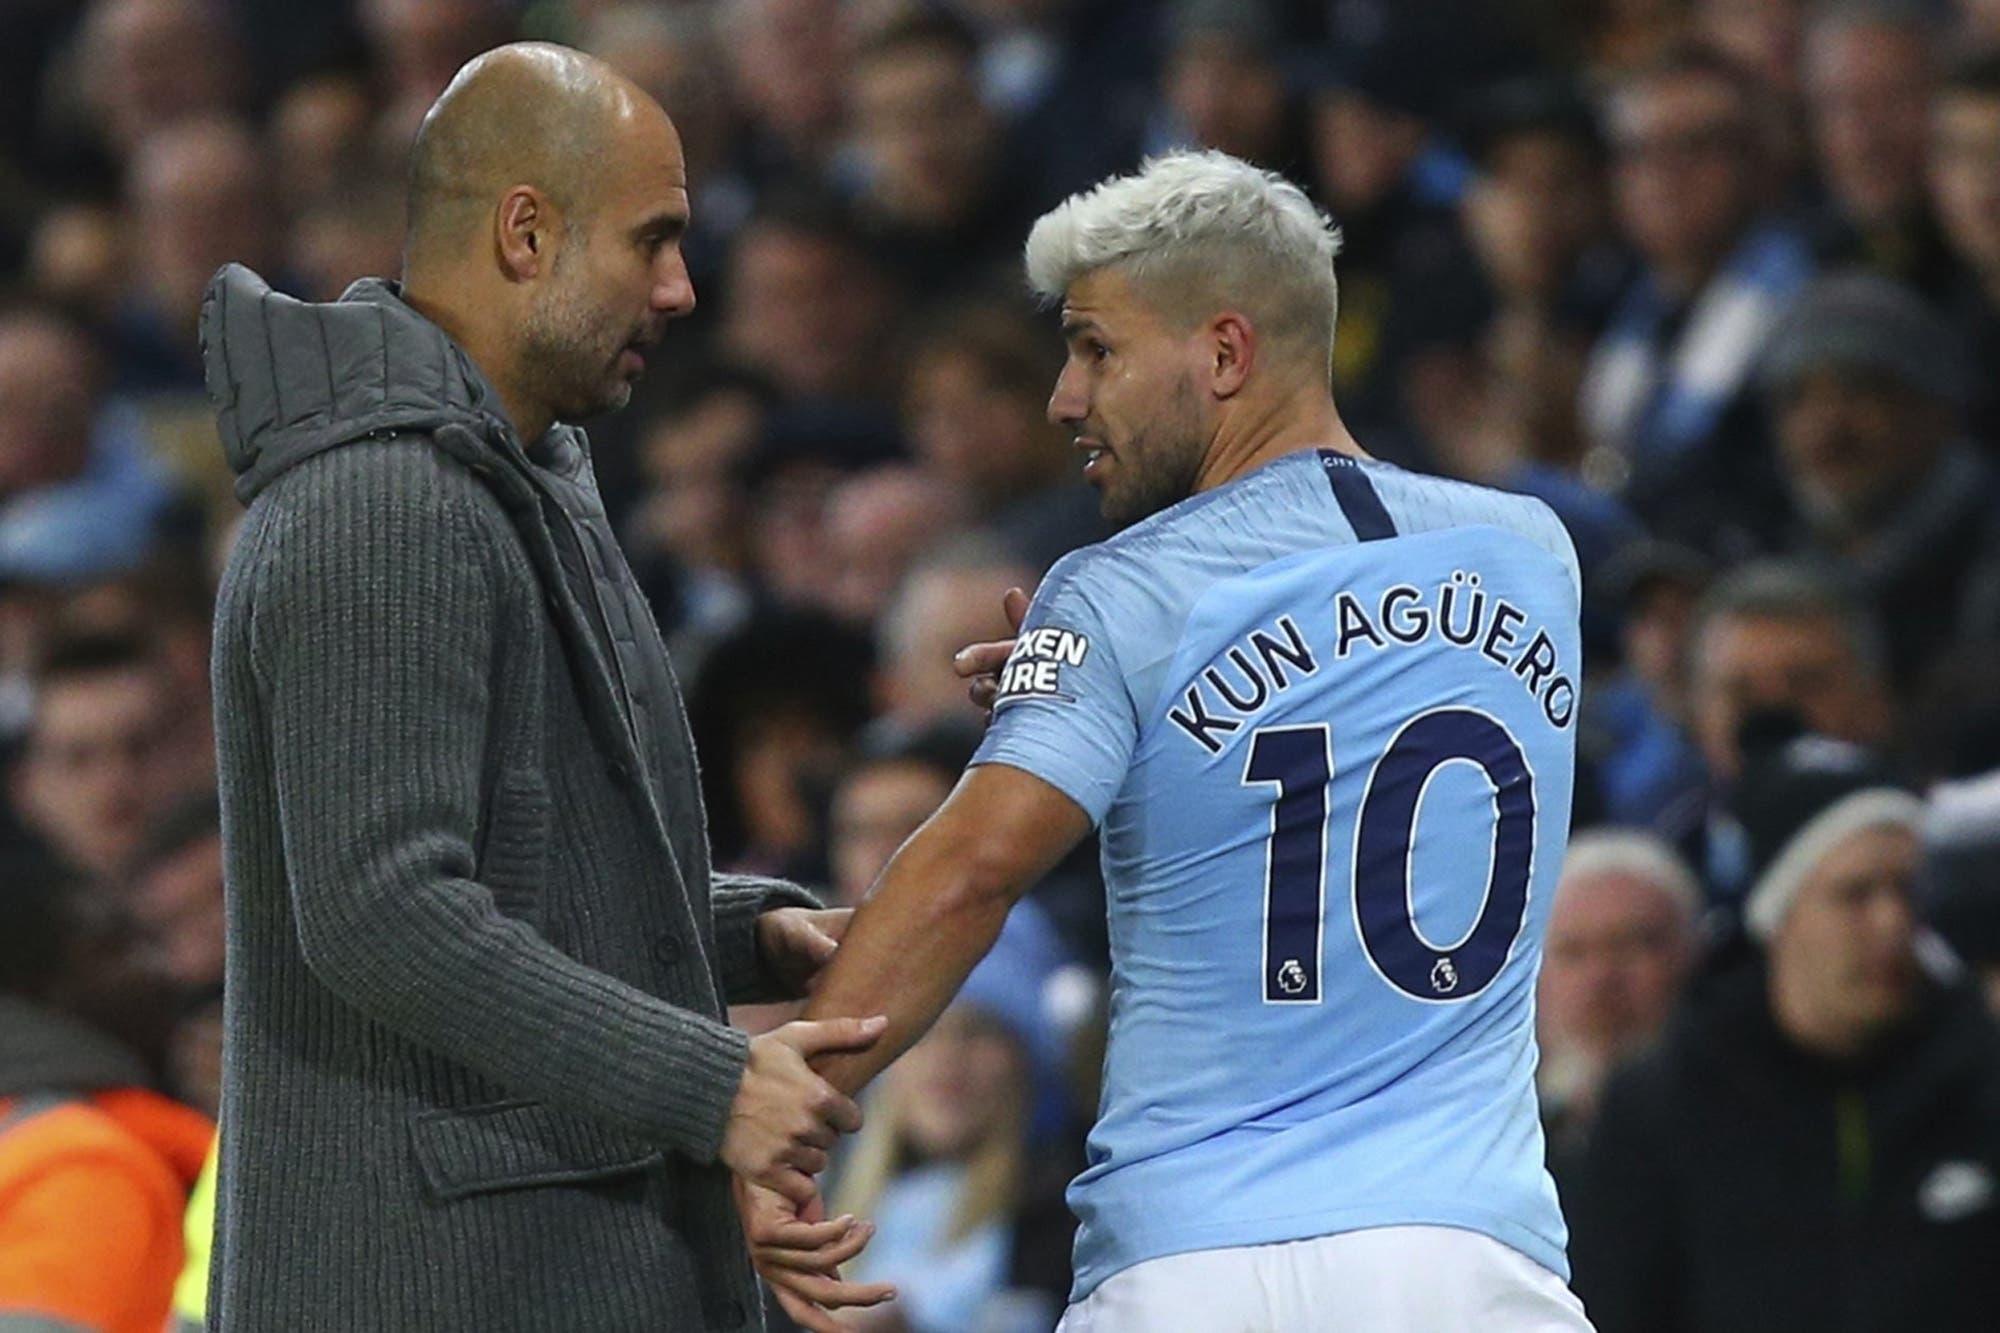 Leicester-Manchester City, Premier League: el conjunto de Pep Guardiola busca recuperarse